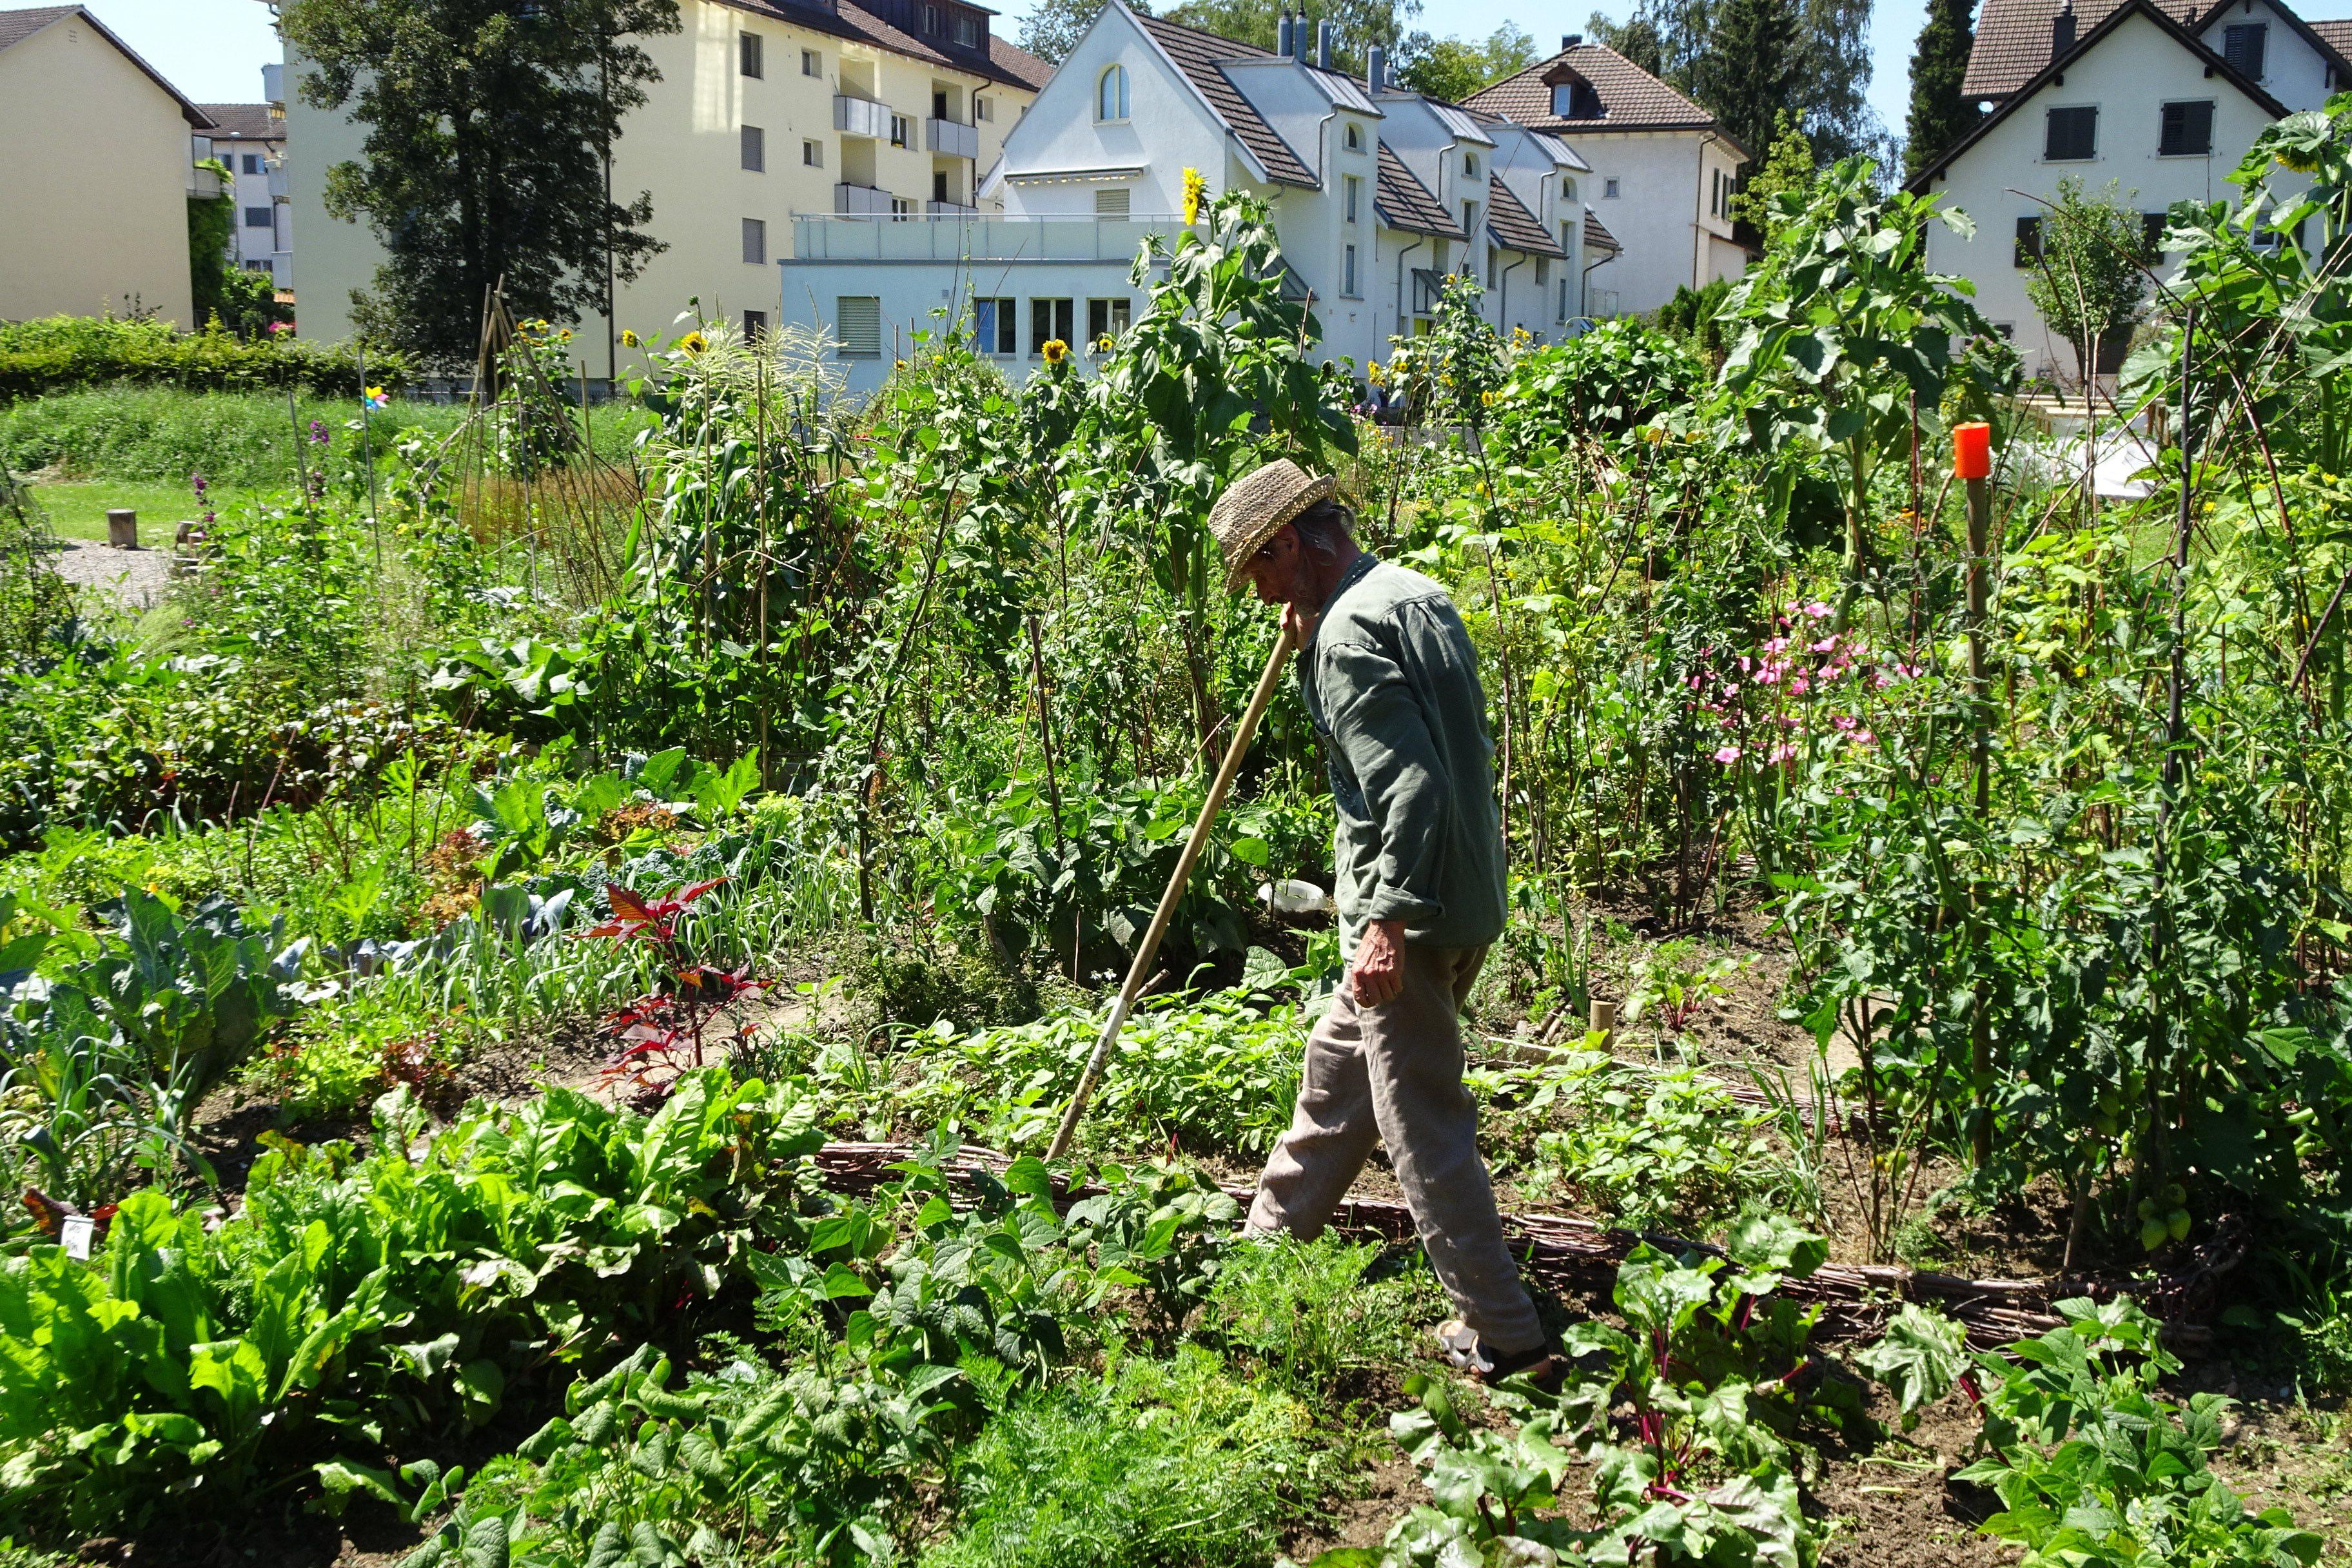 2020-08-07 Ogif Garten 08, Walter